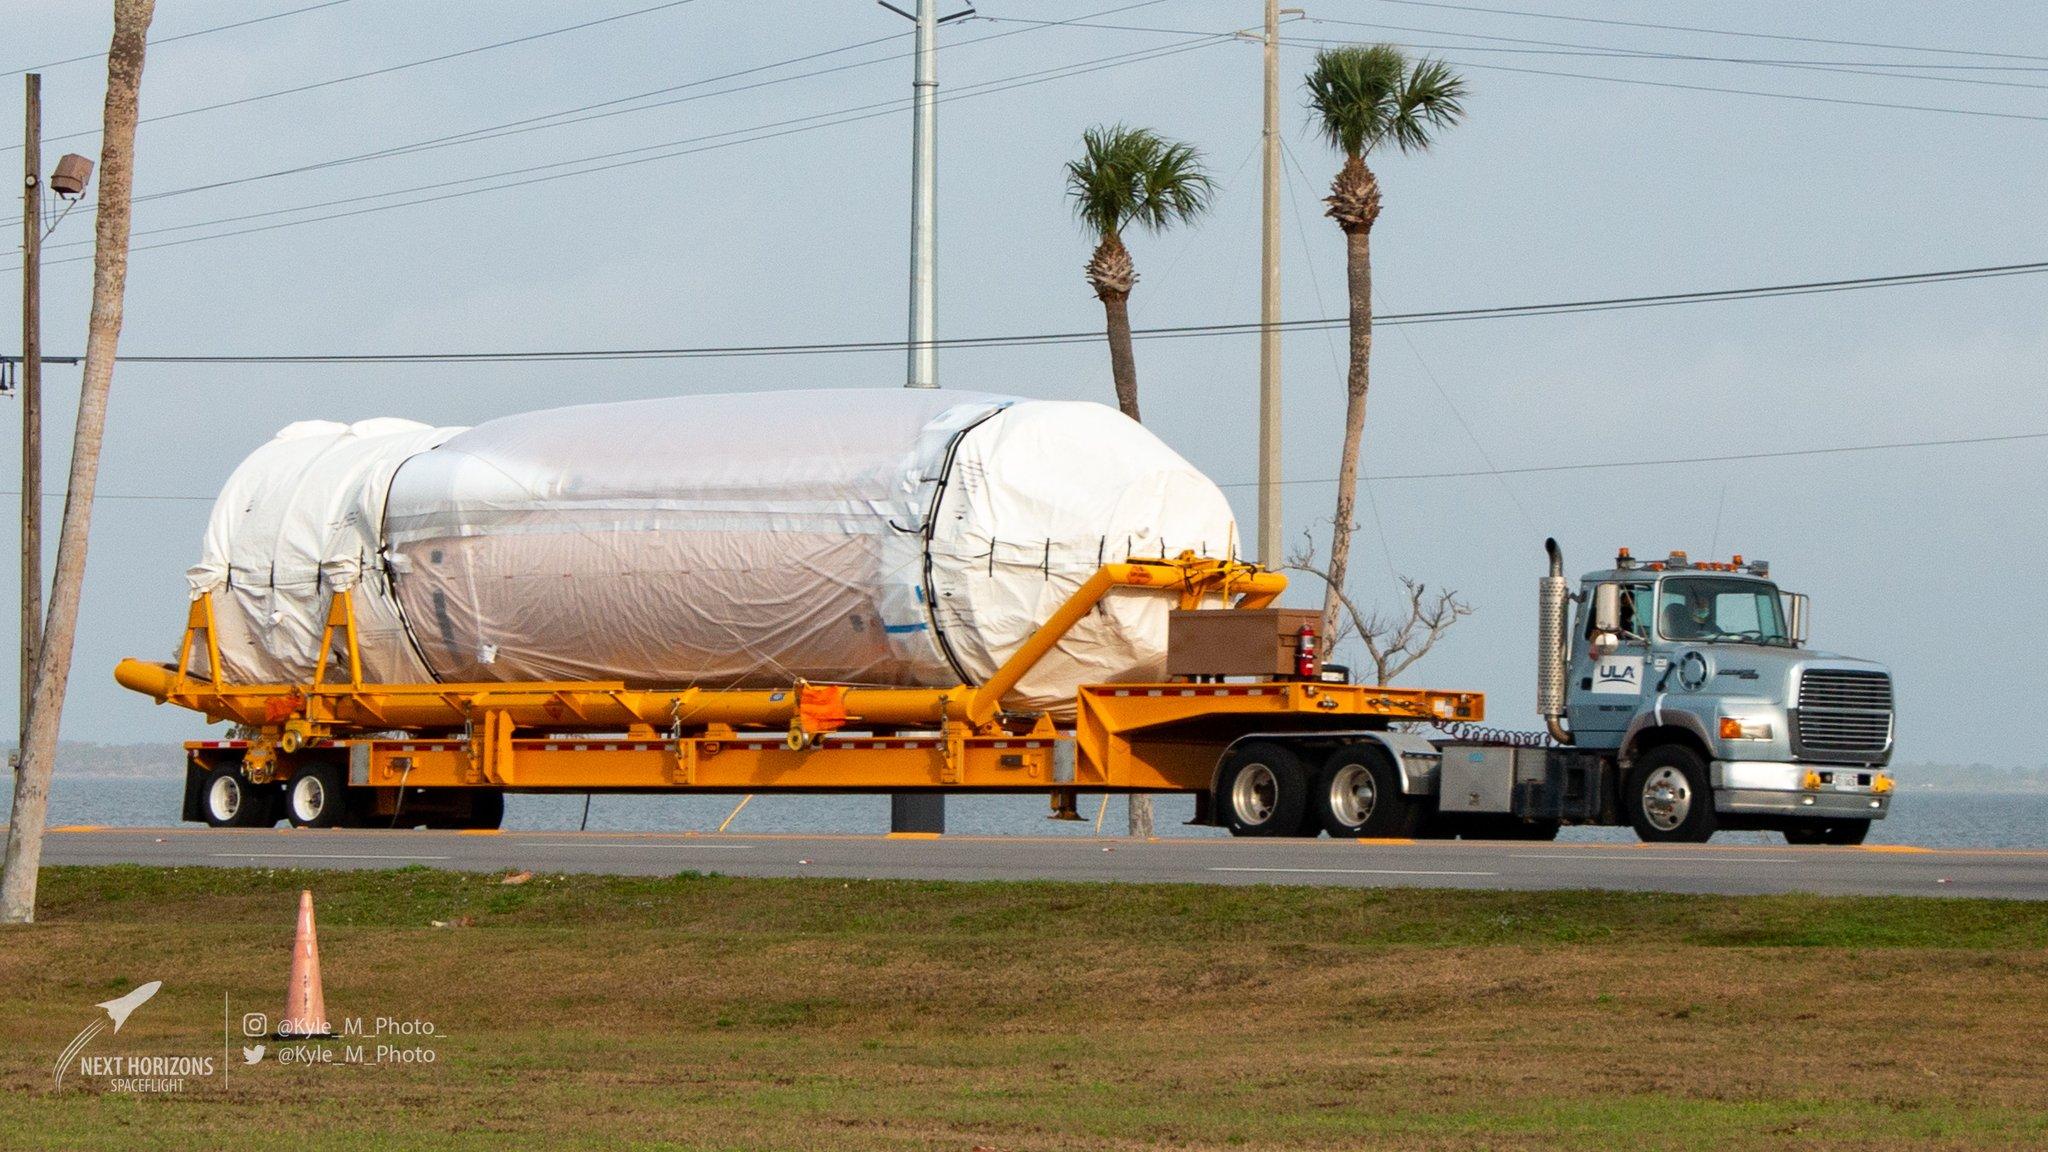 Atlas V 551 (STP-3) - CCSFS - 2021 11777